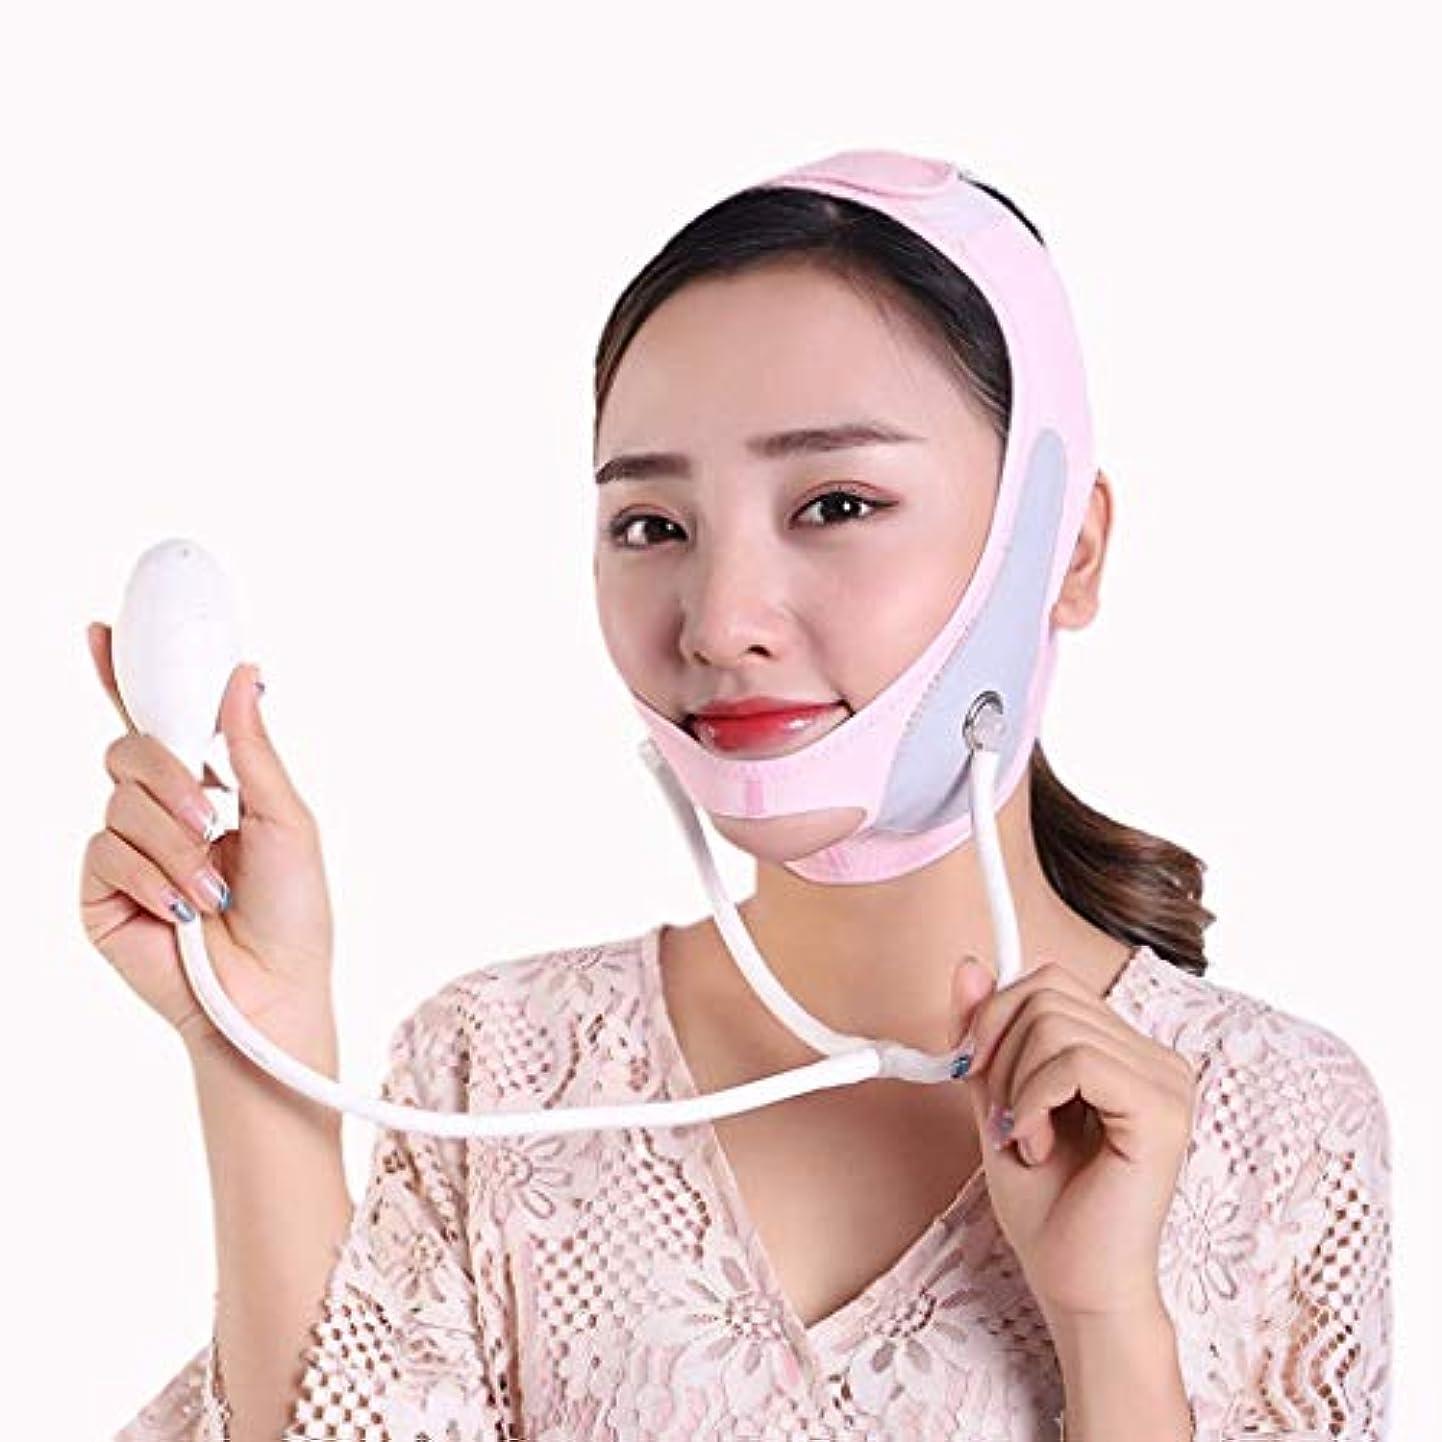 インフレータブルフェイスリフティングマスク、リフティング&タイトニング、フェイスリフティング包帯、ダブルチン、シンフェイスバンド(サイズ:M),L